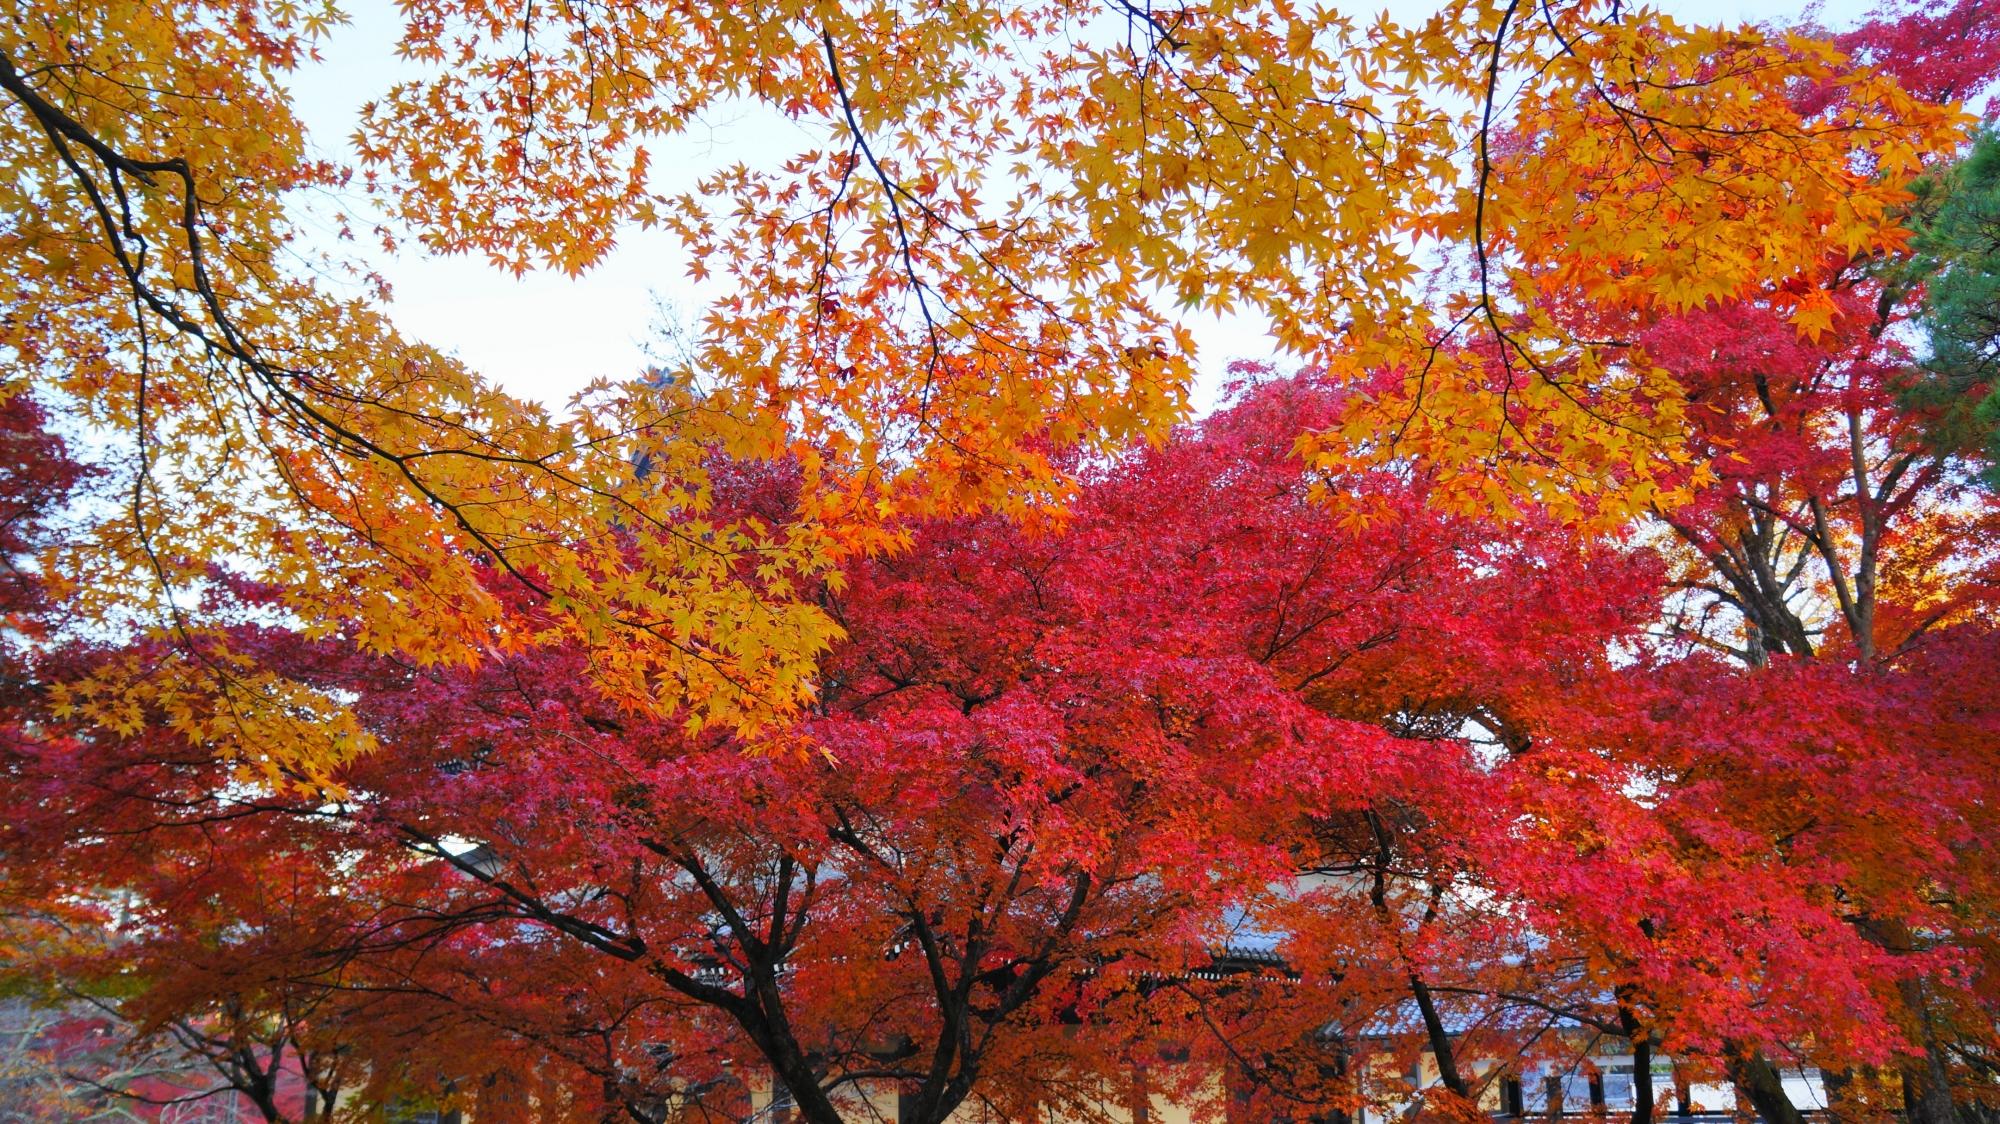 赤や黄色などの多彩な紅葉が溢れる南禅寺